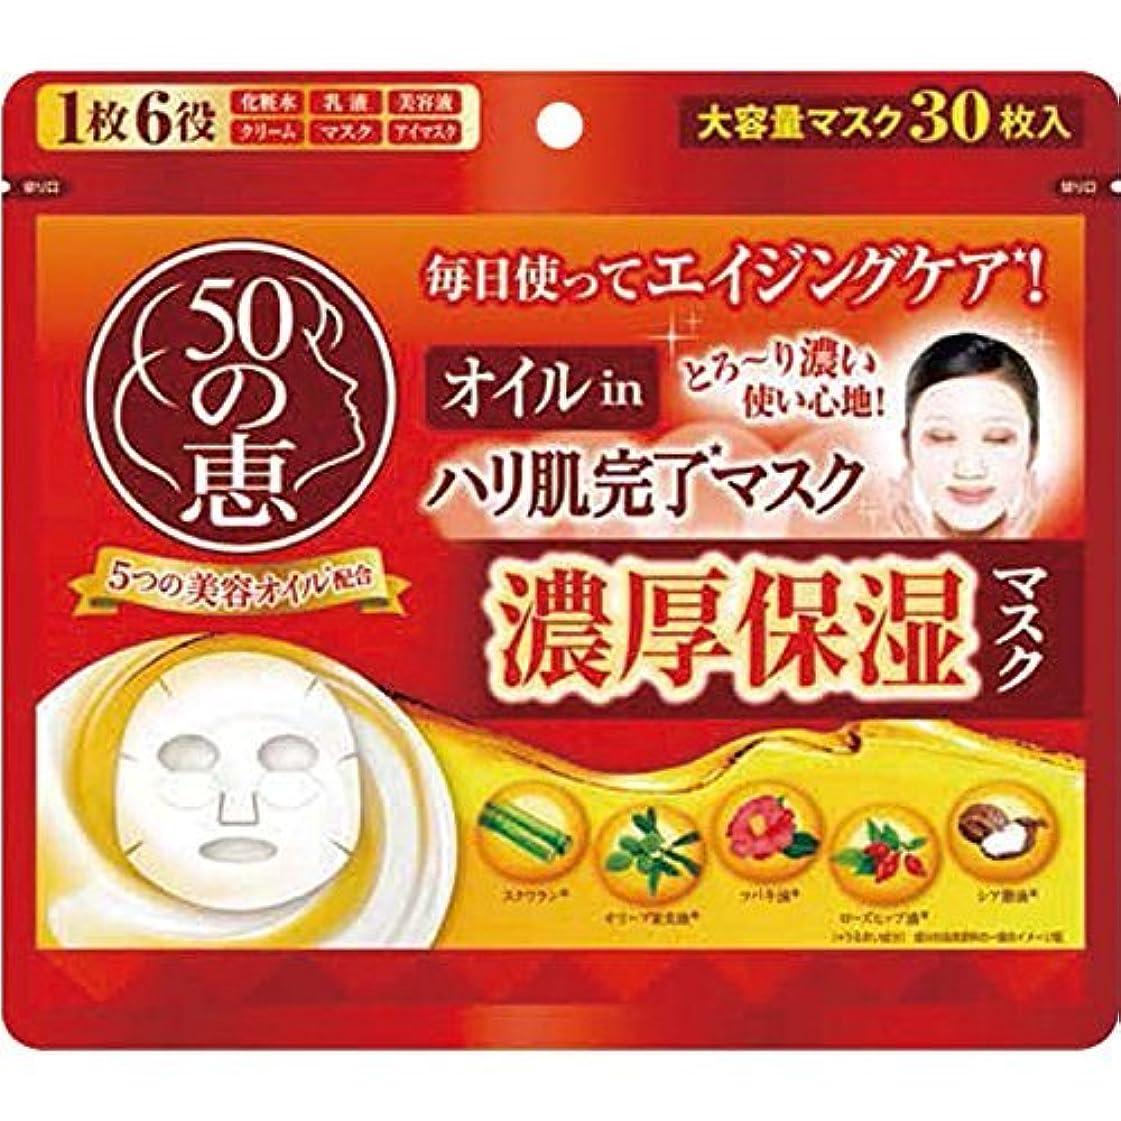 ワイド擬人既に50の恵 オイルinハリ肌完了マスク × 3個セット